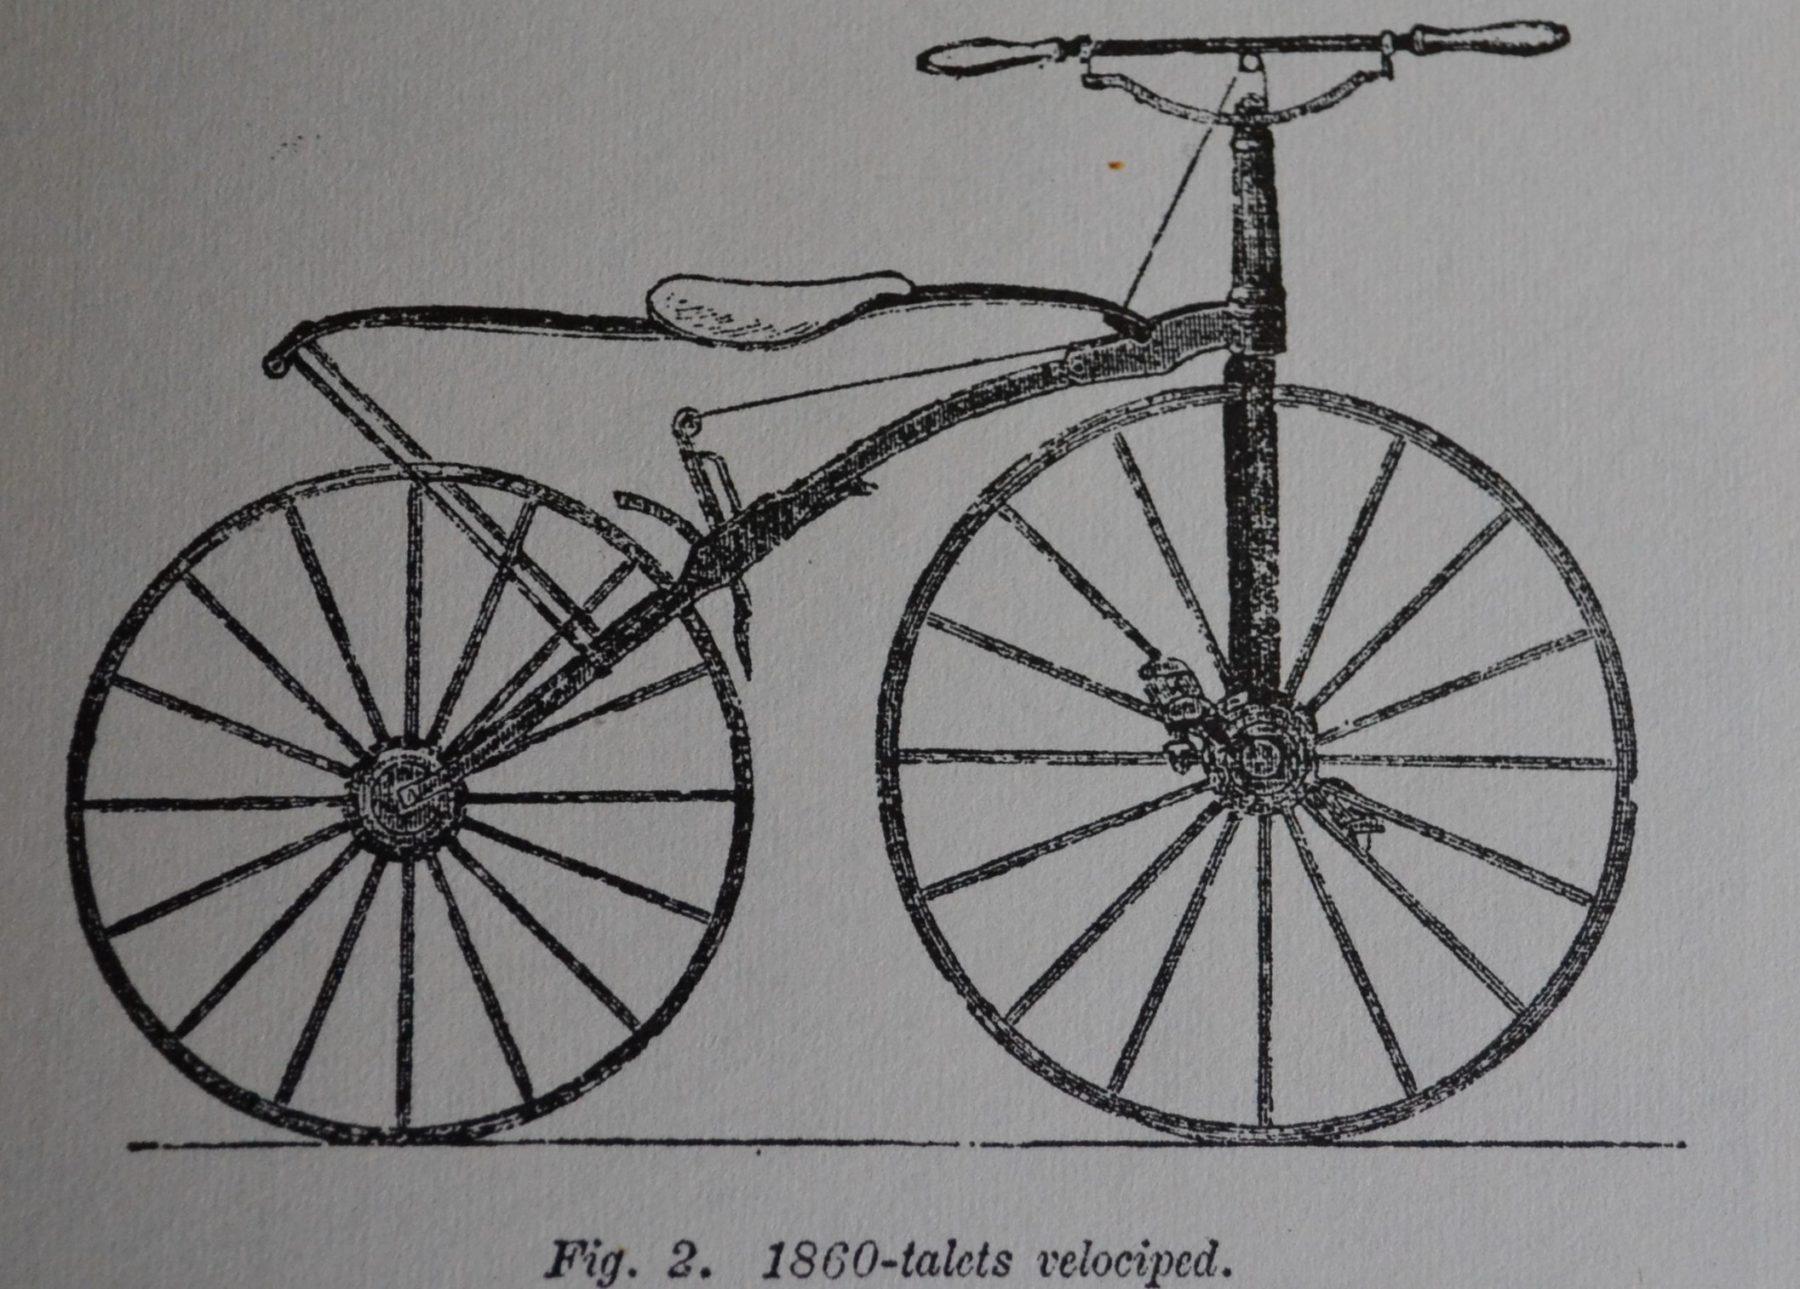 Topmoderne När velocipeden kom till Sverige – Cykeln i Sverige del 1 LK-66